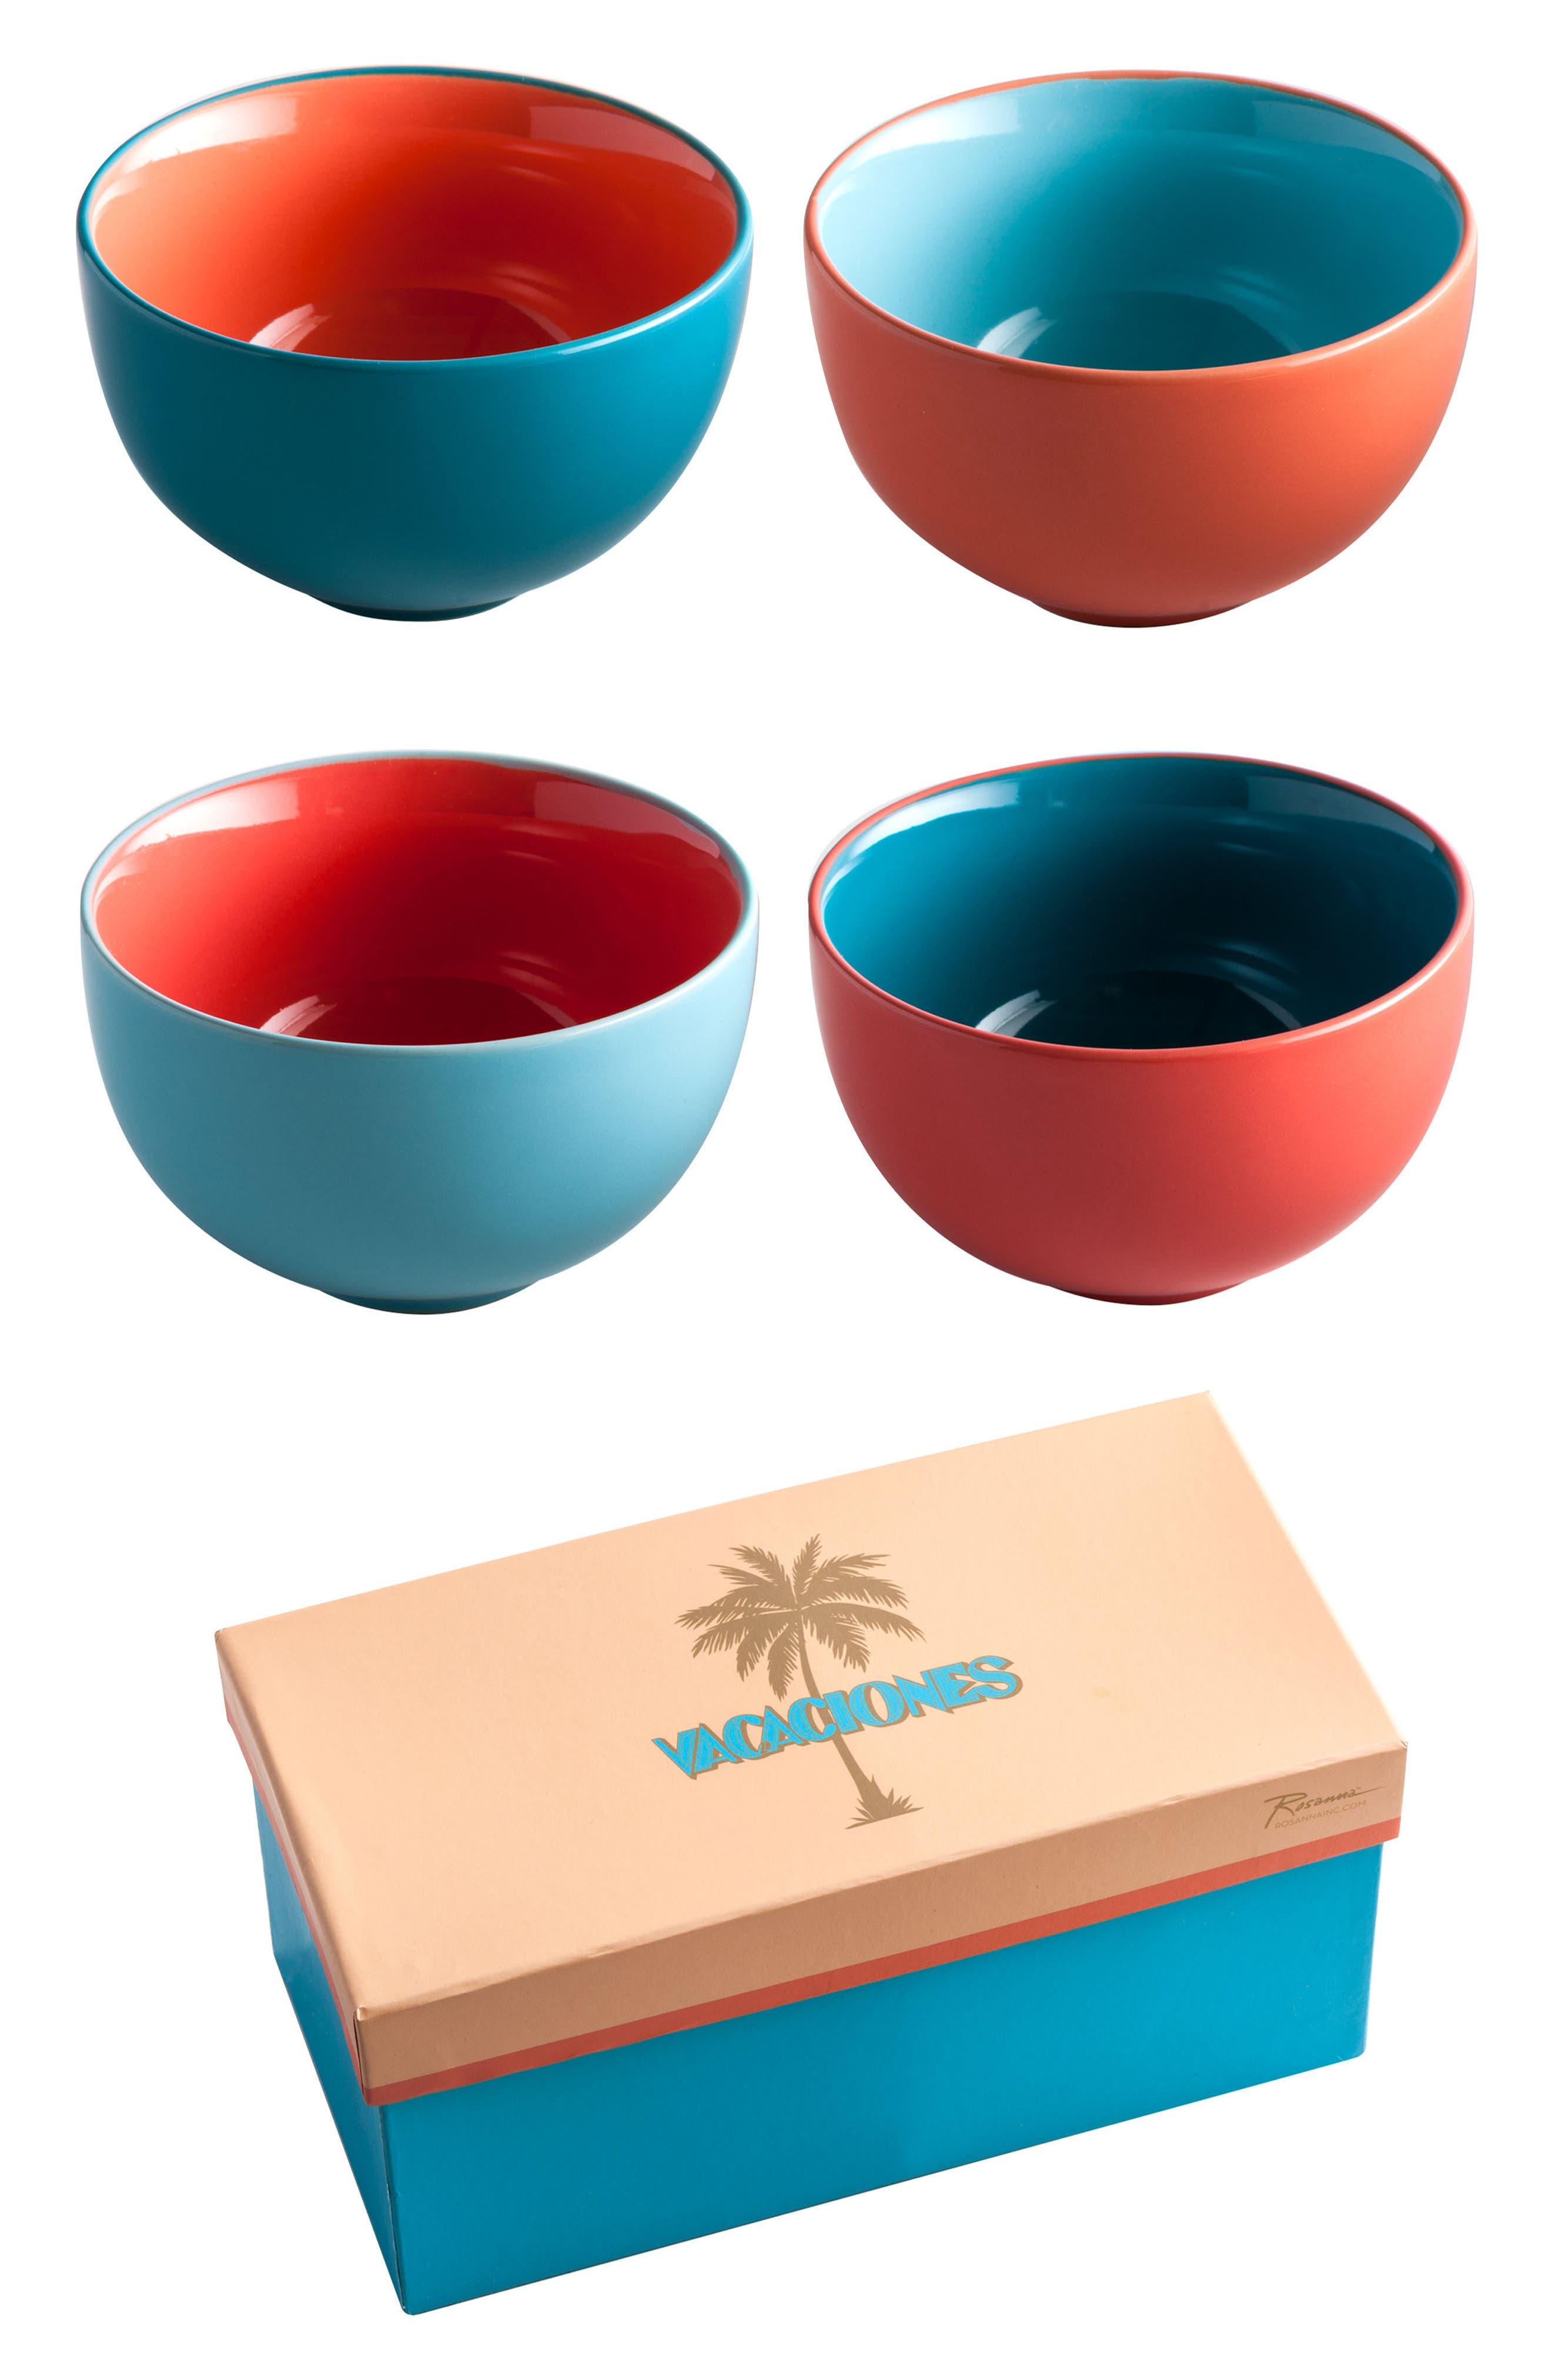 Vacaciones Set of 4 Bowls,                             Main thumbnail 1, color,                             400